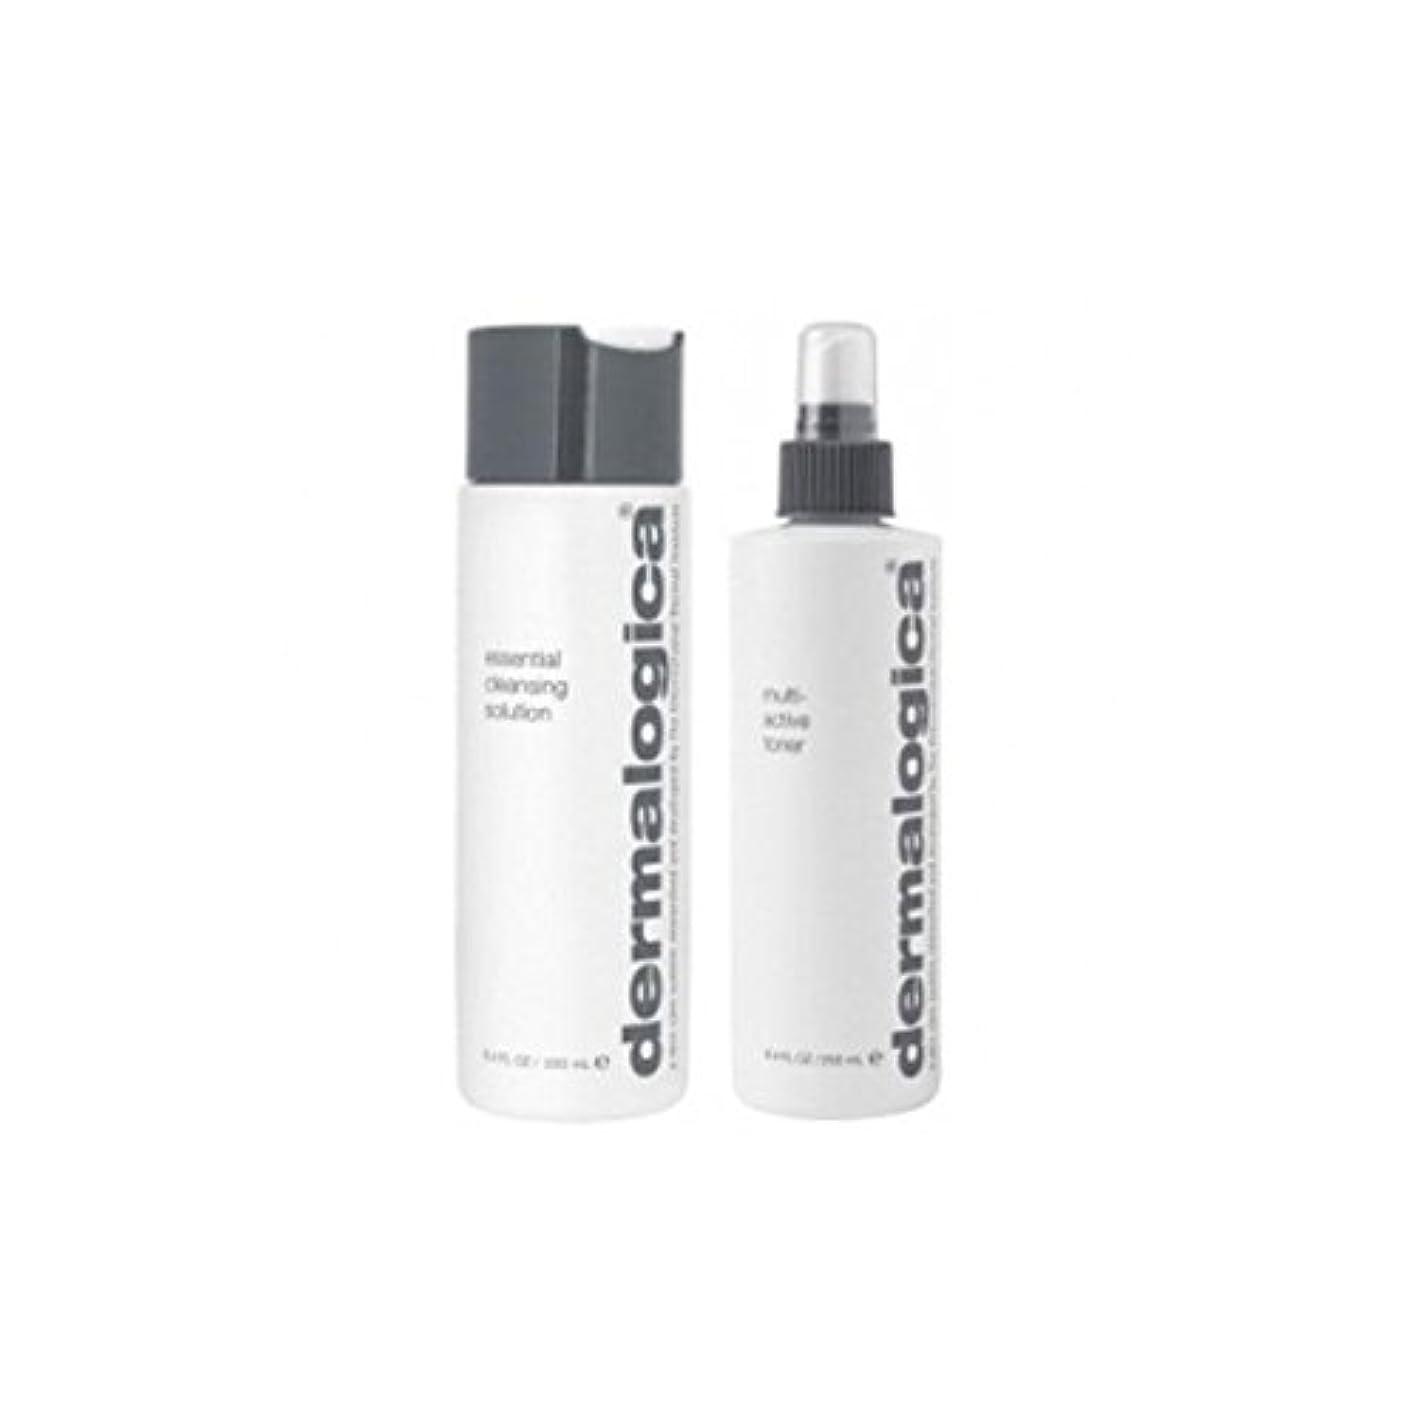 相談する肌寒いポルティコダーマロジカクレンジング&トーンデュオ - 乾燥肌 x4 - Dermalogica Cleanse & Tone Duo - Dry Skin (Pack of 4) [並行輸入品]